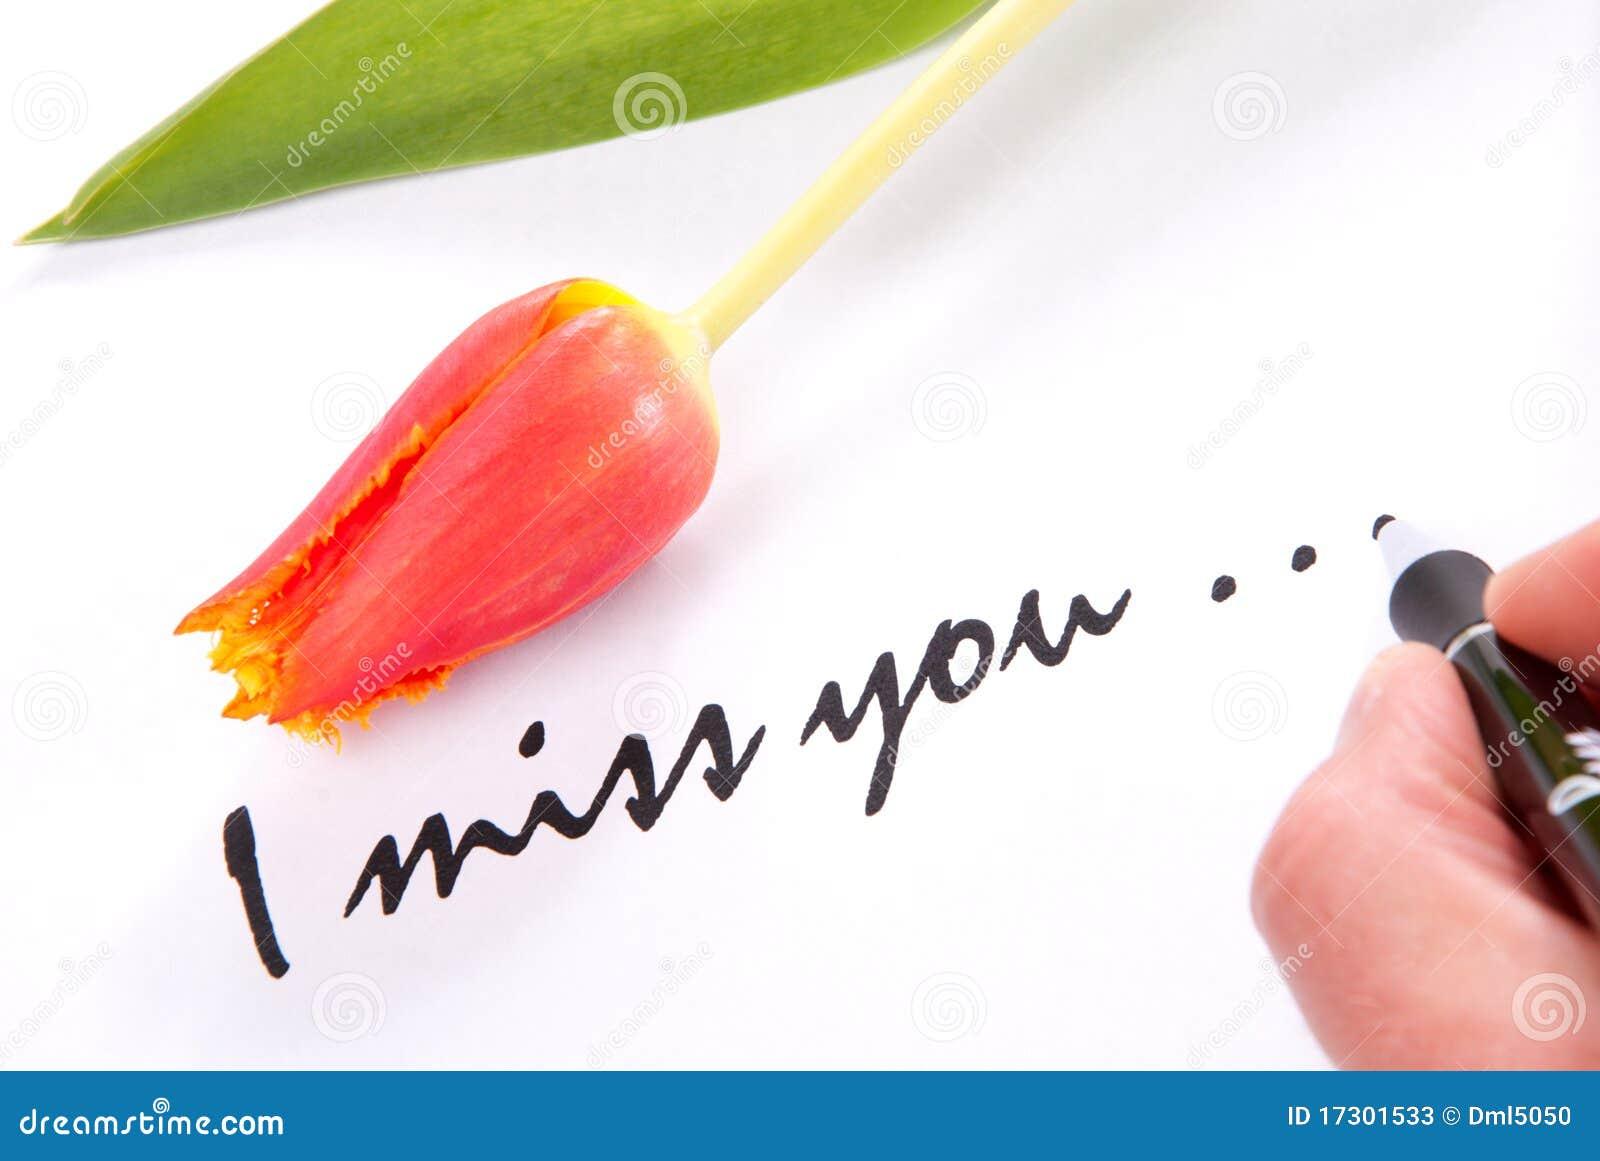 Je vous manque amour